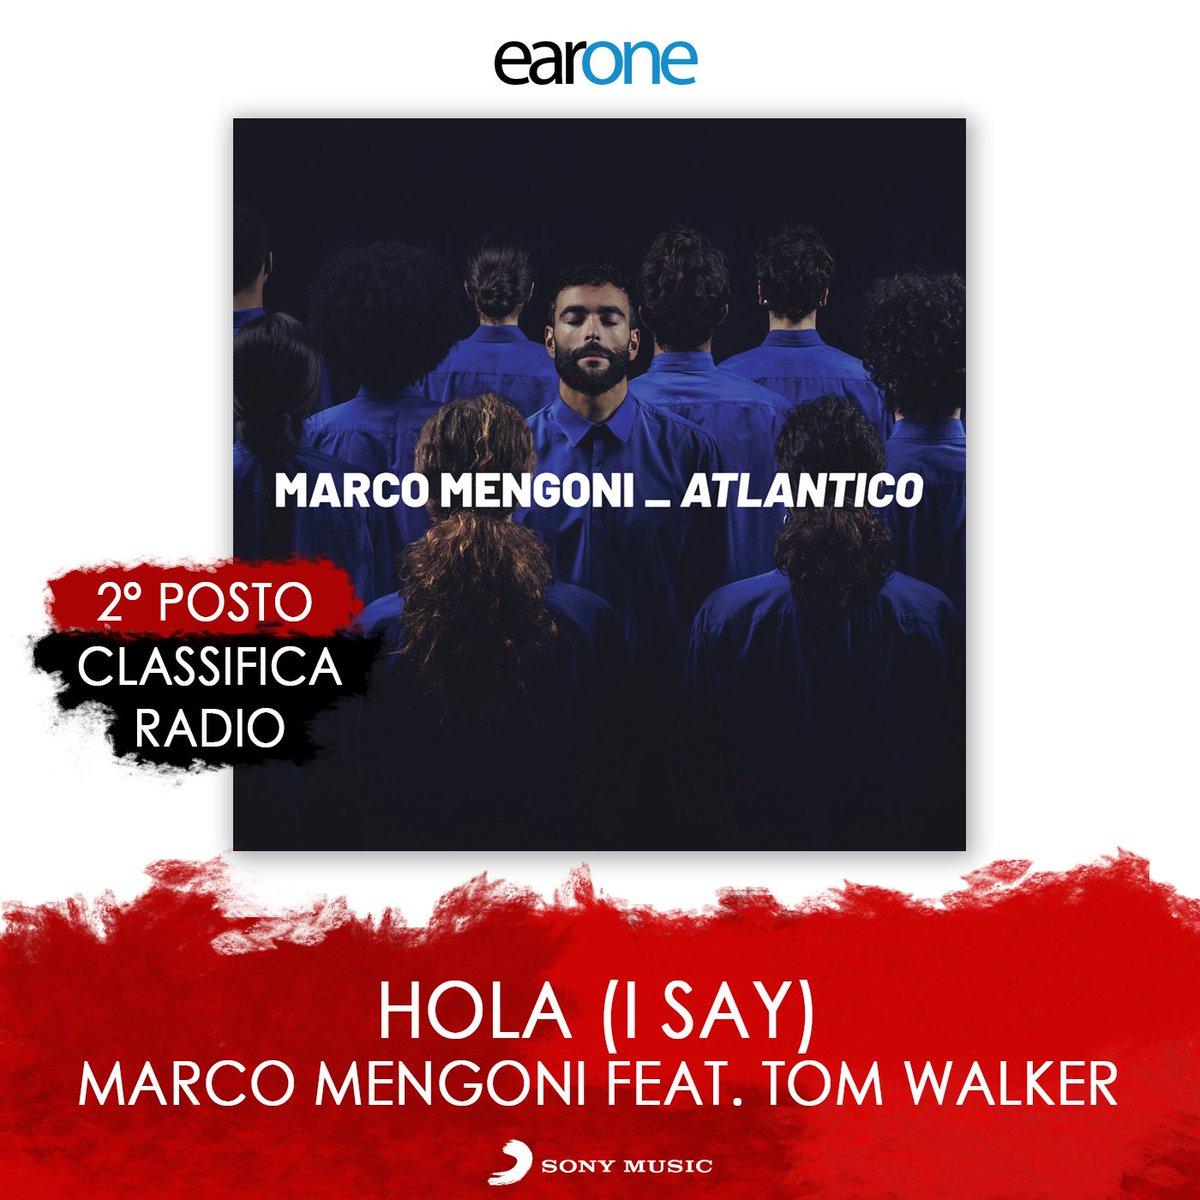 #Hola (I Say) di @mengonimarco feat. @IamTomWalker è il secondo brano più trasmesso dalle radio 👏📻